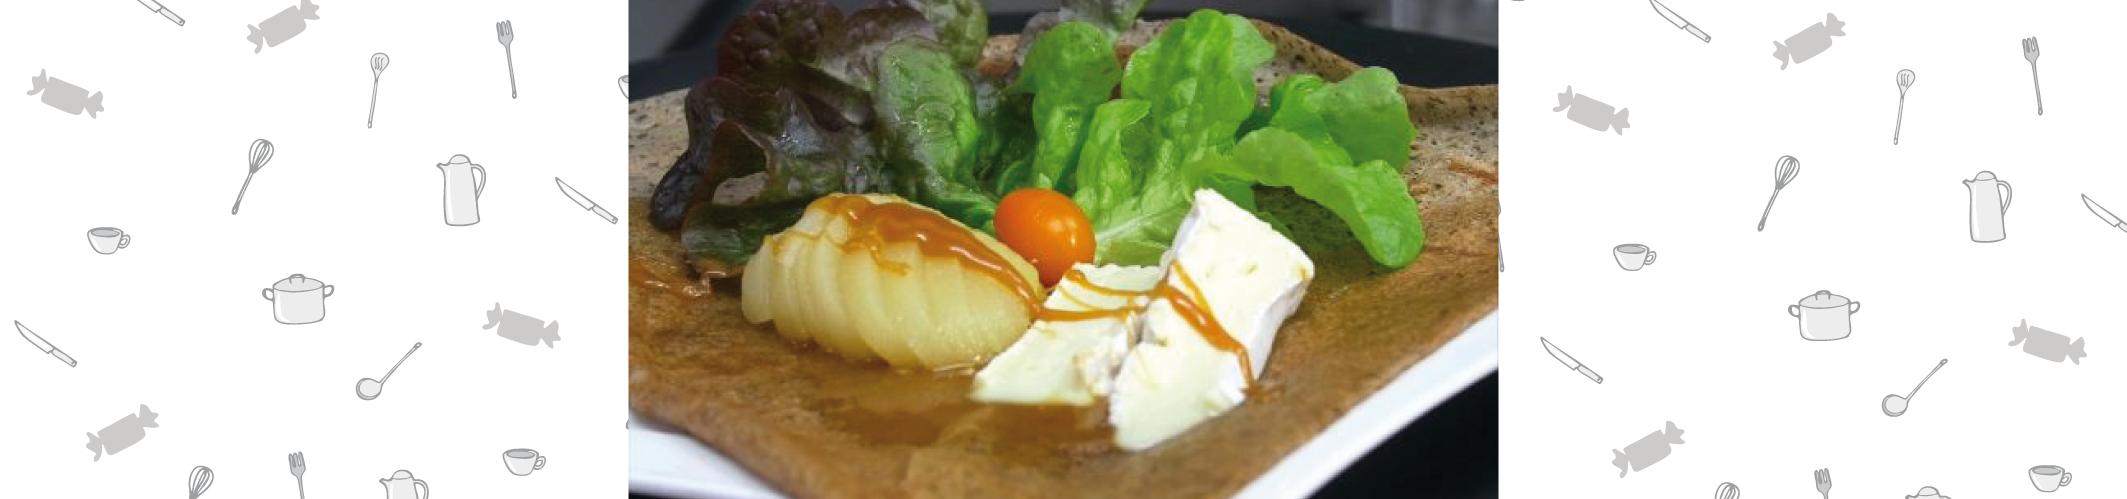 Crêpe/Galette Blé noir Poire Camembert et  Crème de caramel au beurre salé